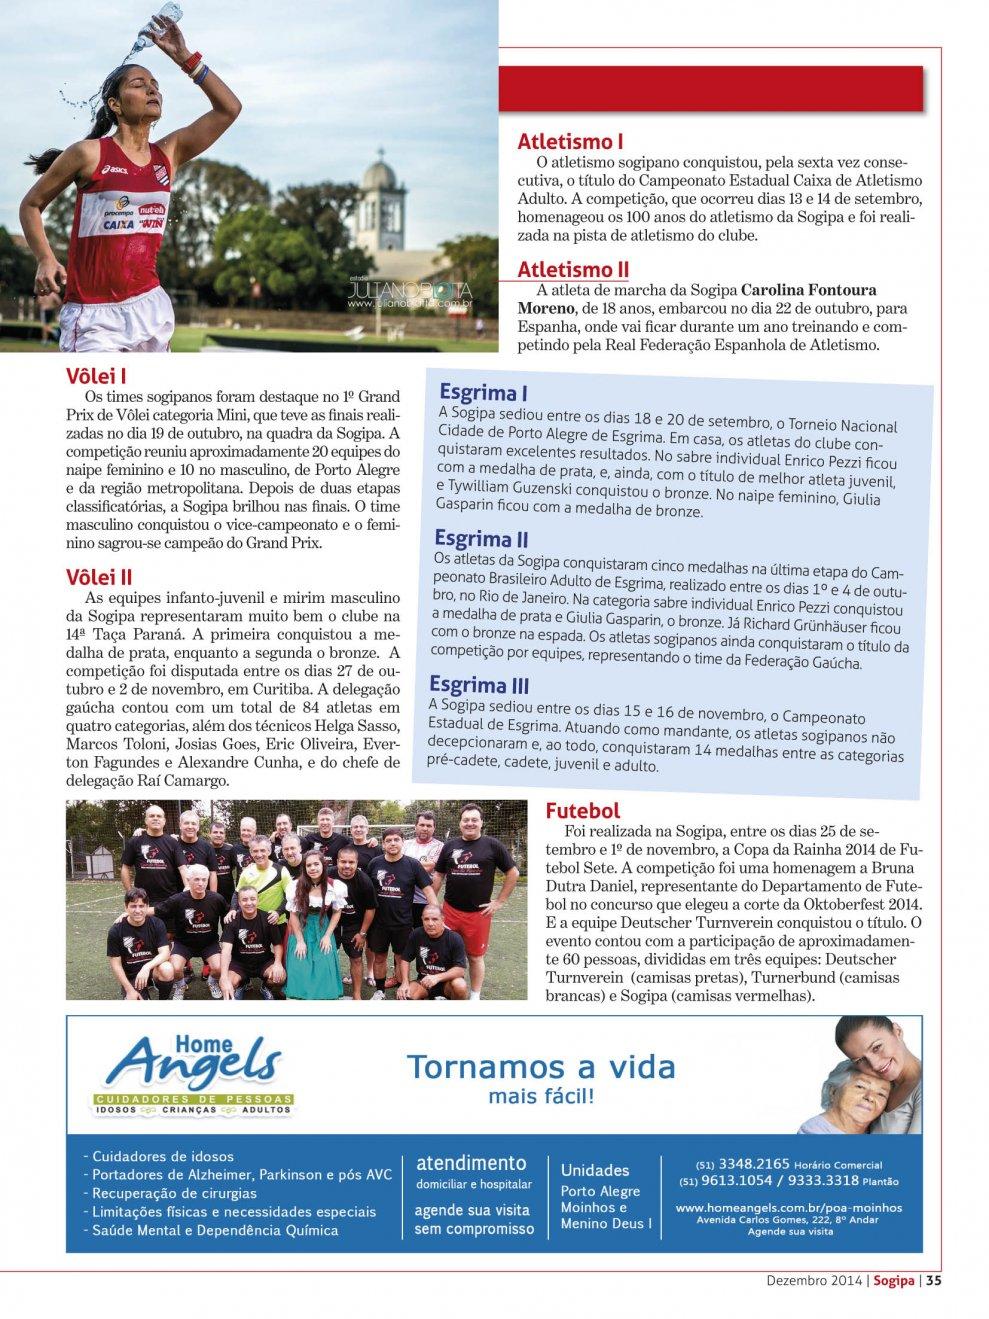 Edição Nº 44 - Dezembro 2014